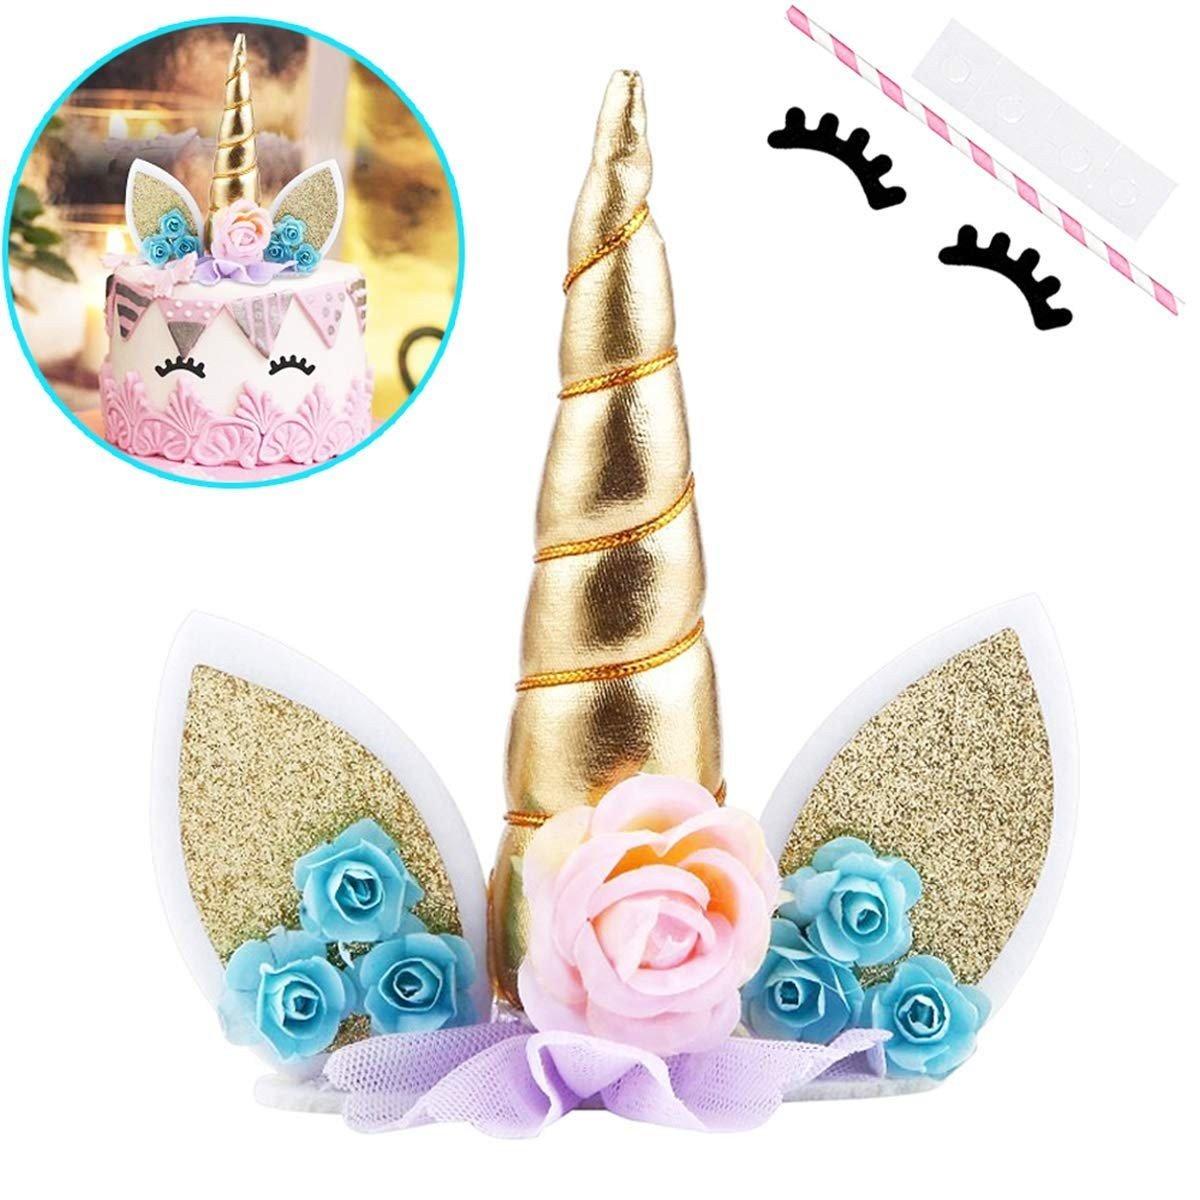 Unicorn Cake Topper, with Eyelashes (1) & Unicorn Stickers (25)